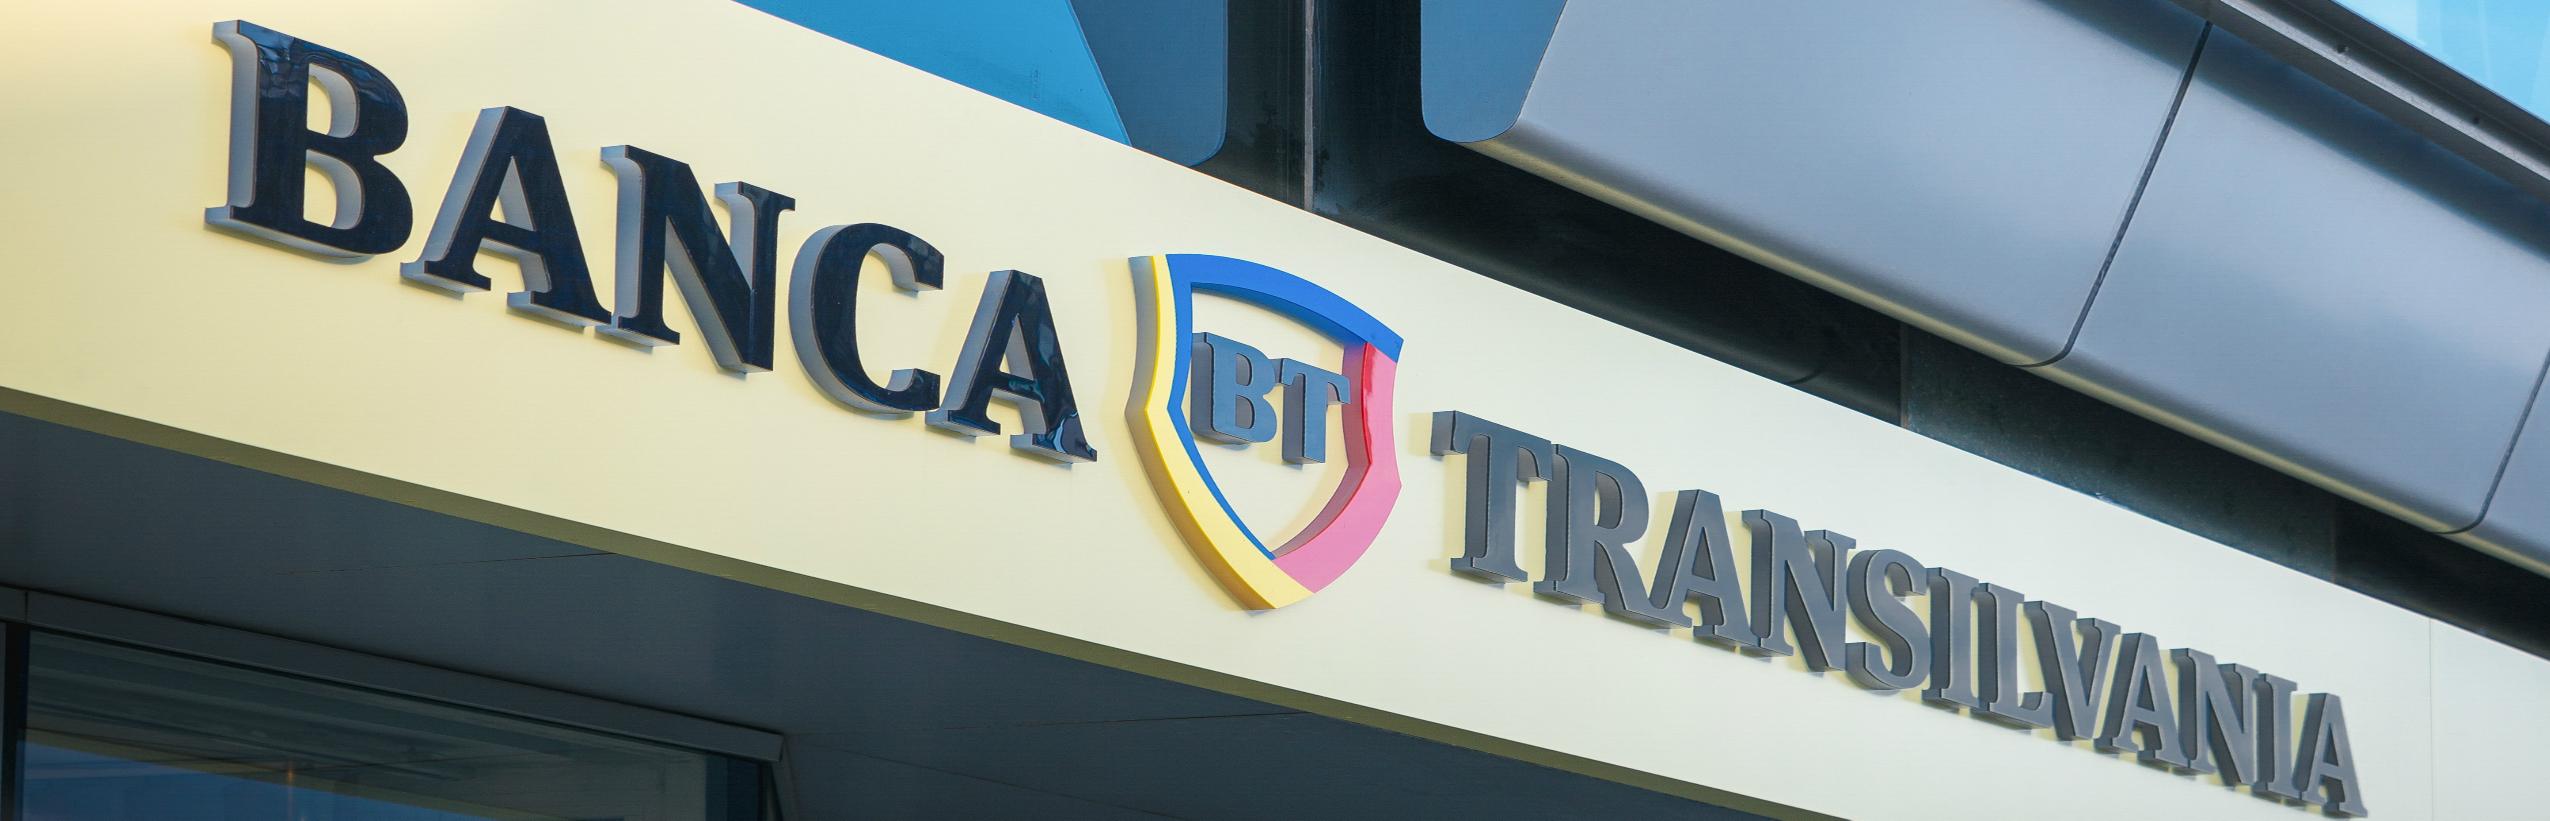 BT, 36.000 de credite noi acordate in primele trei luni ale anului. Rezultate financiare la 31 martie 2017